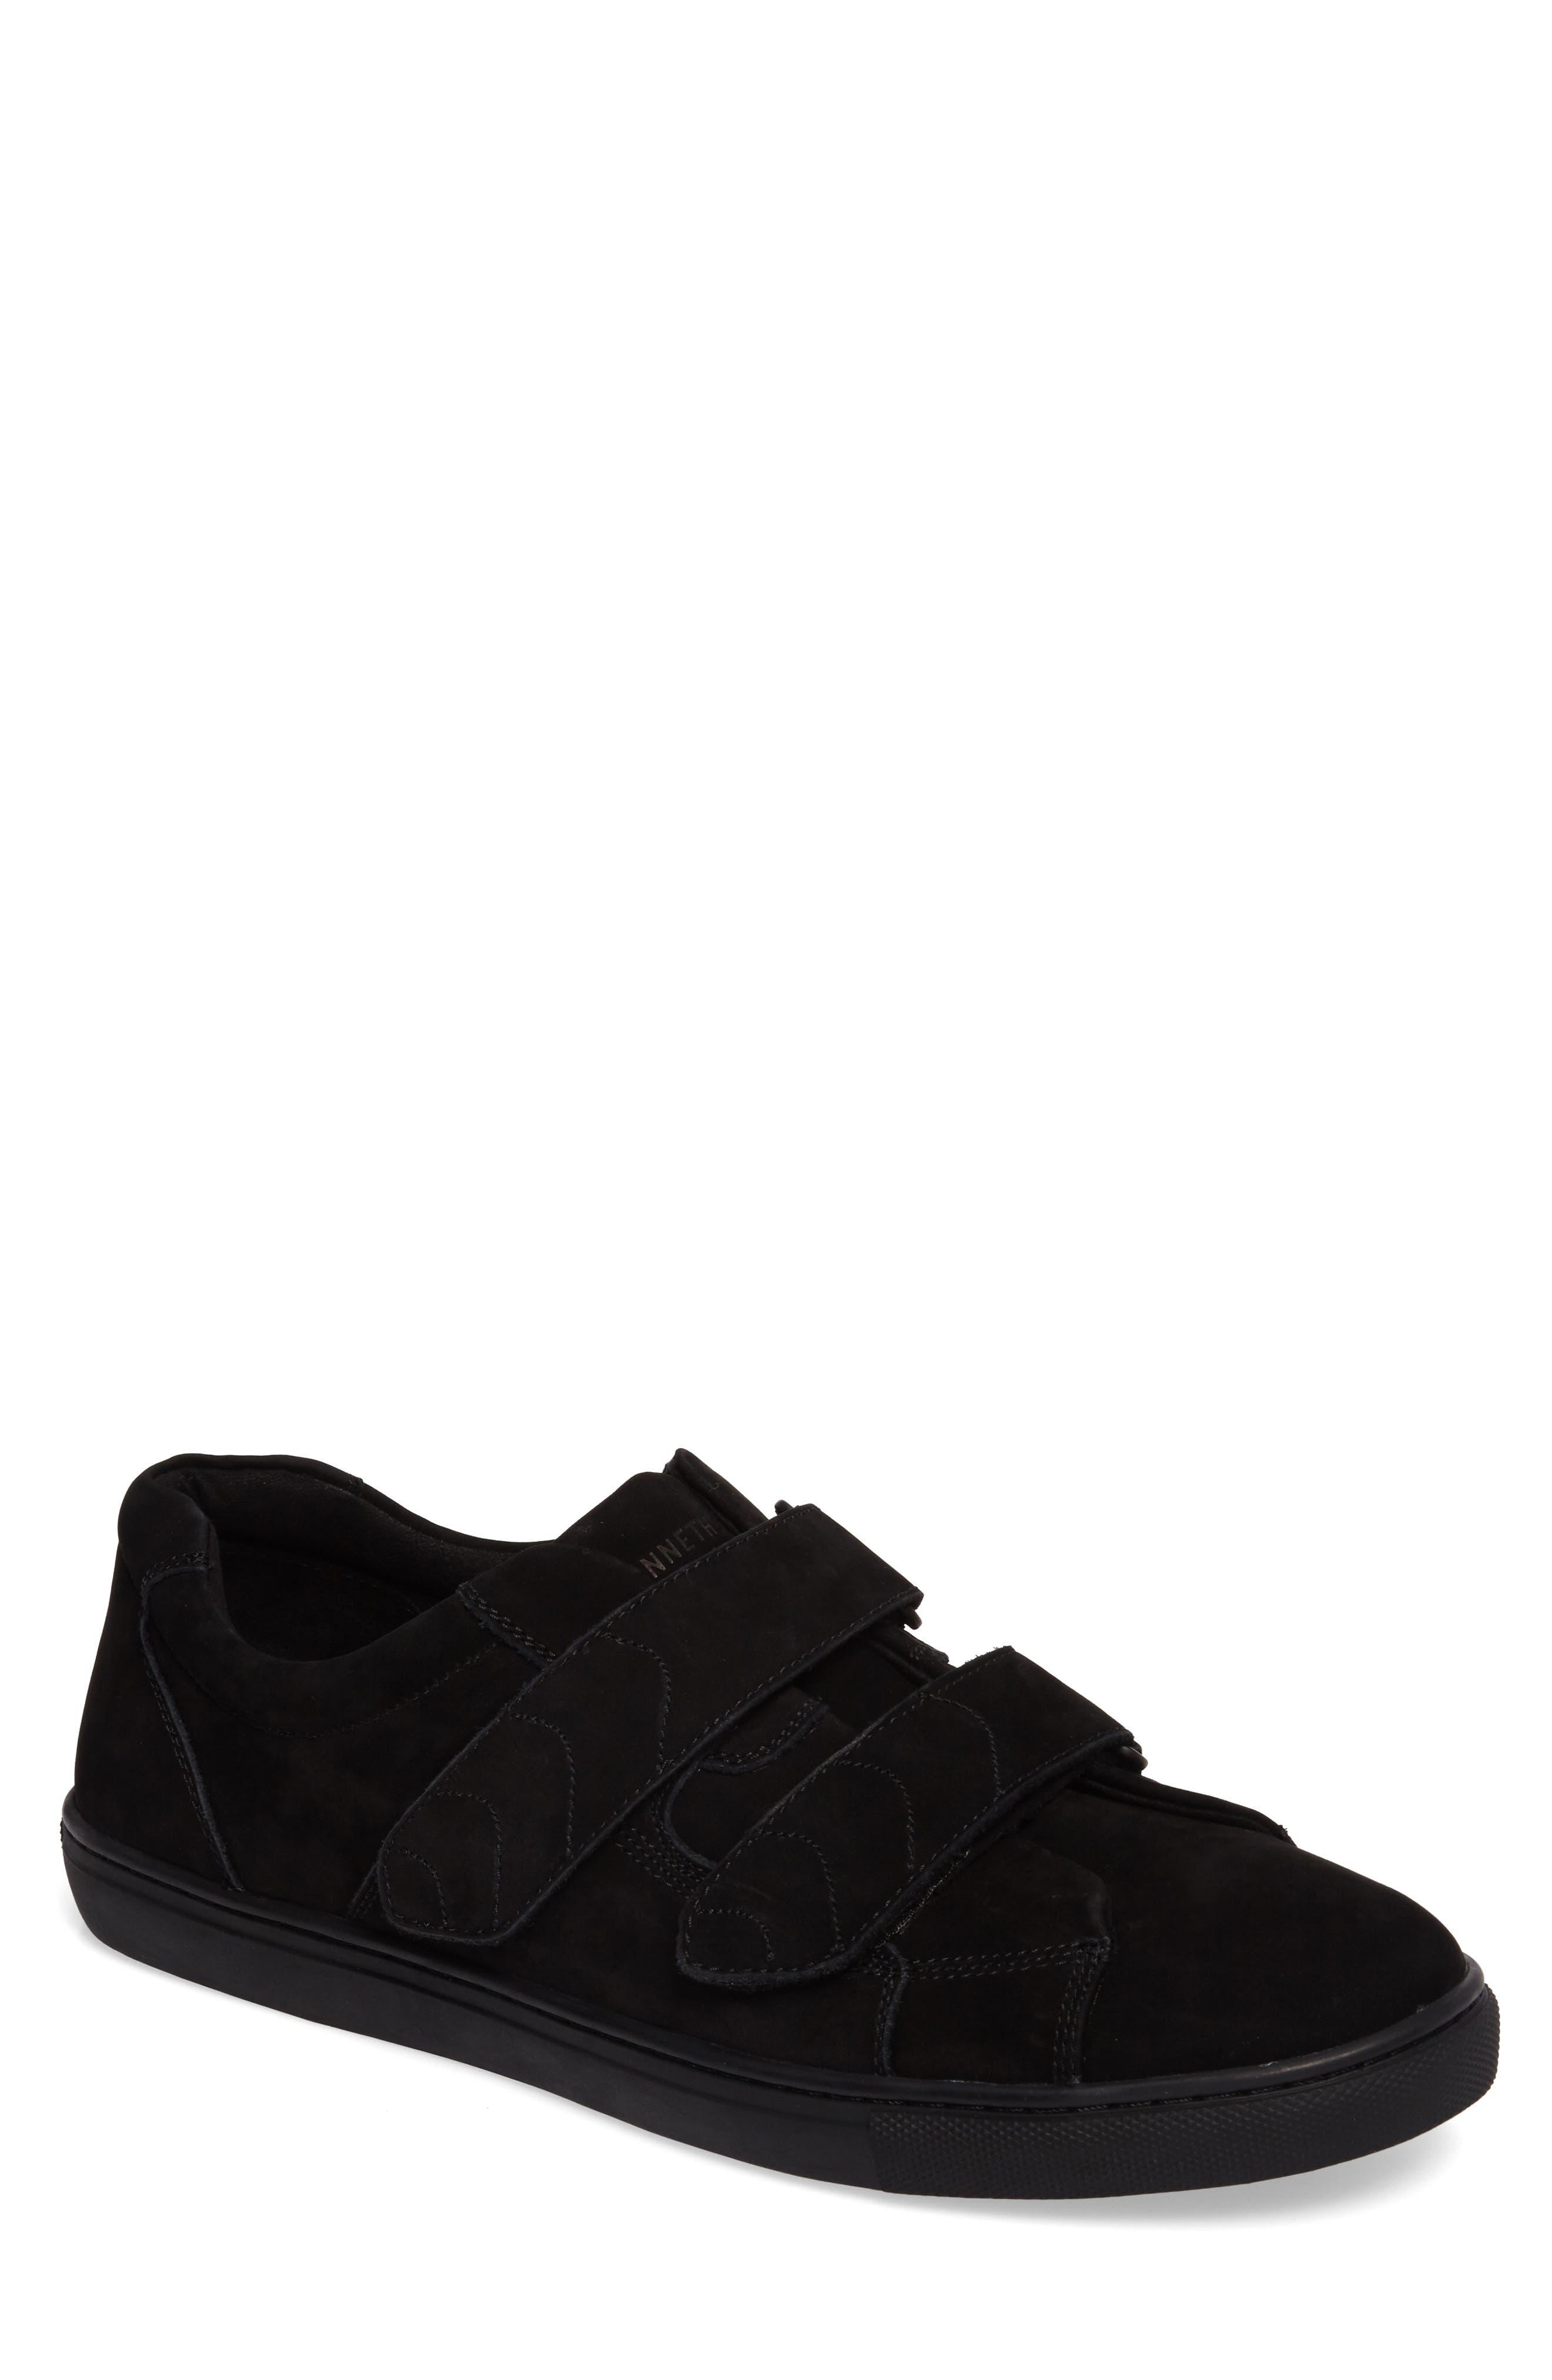 Low Top Sneaker,                             Main thumbnail 1, color,                             001